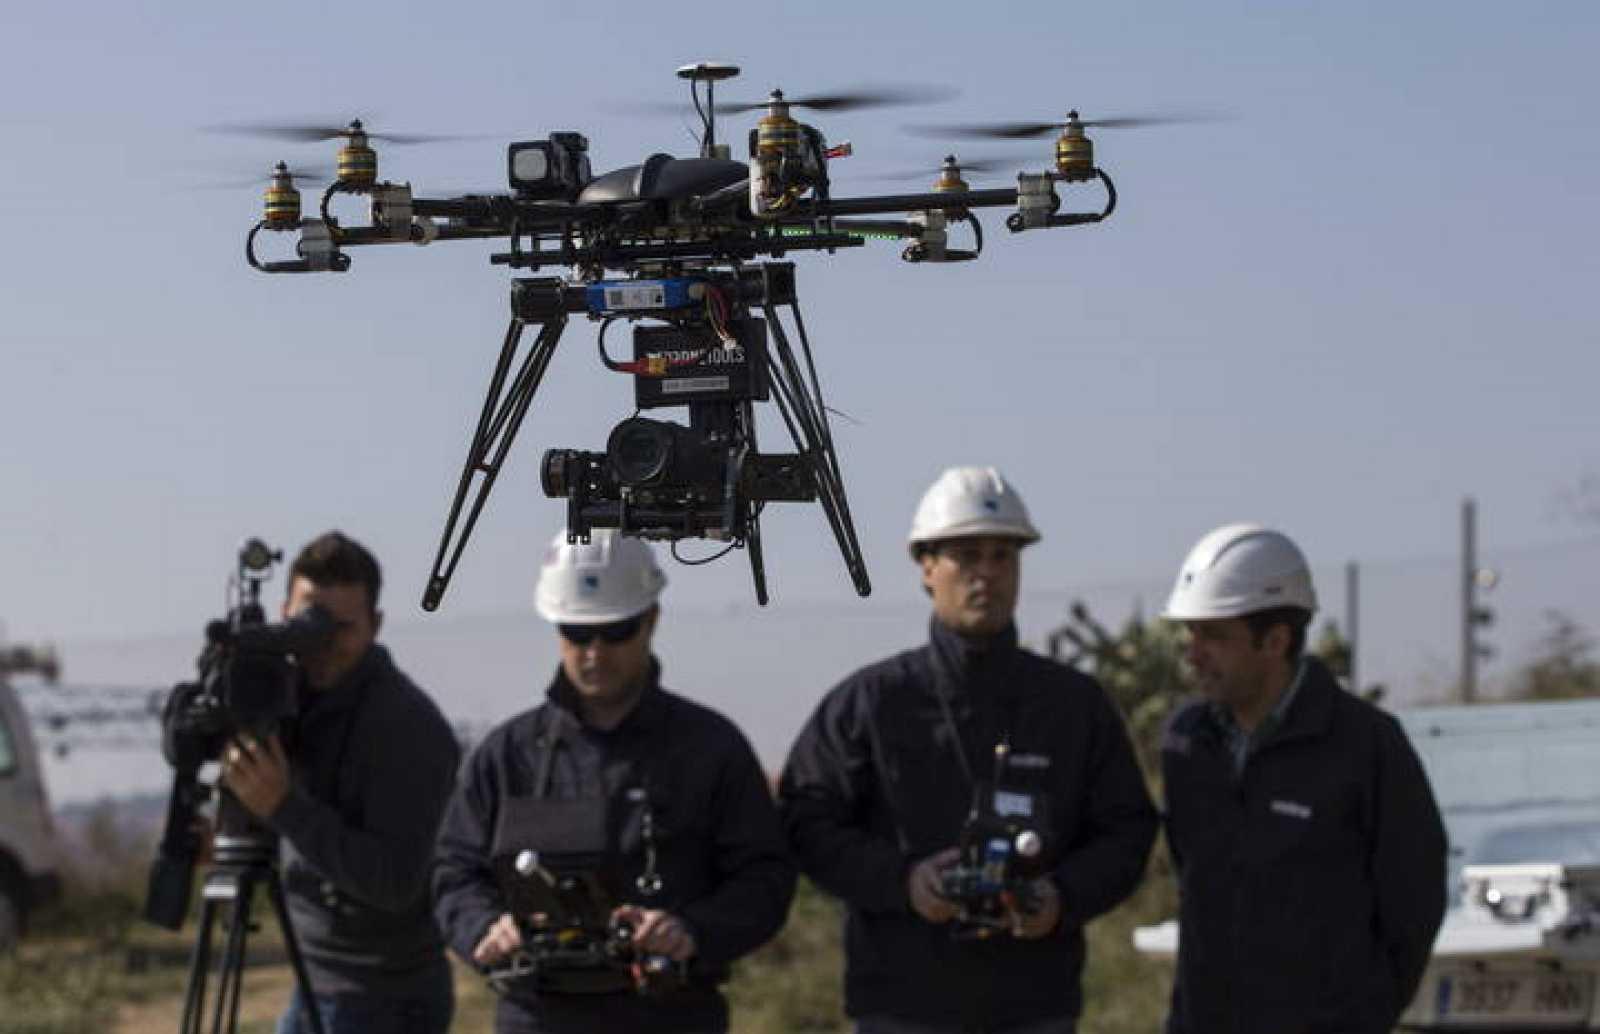 Presentación de los drones que Endesa utiliza para comprobar el estado de la red eléctrica.